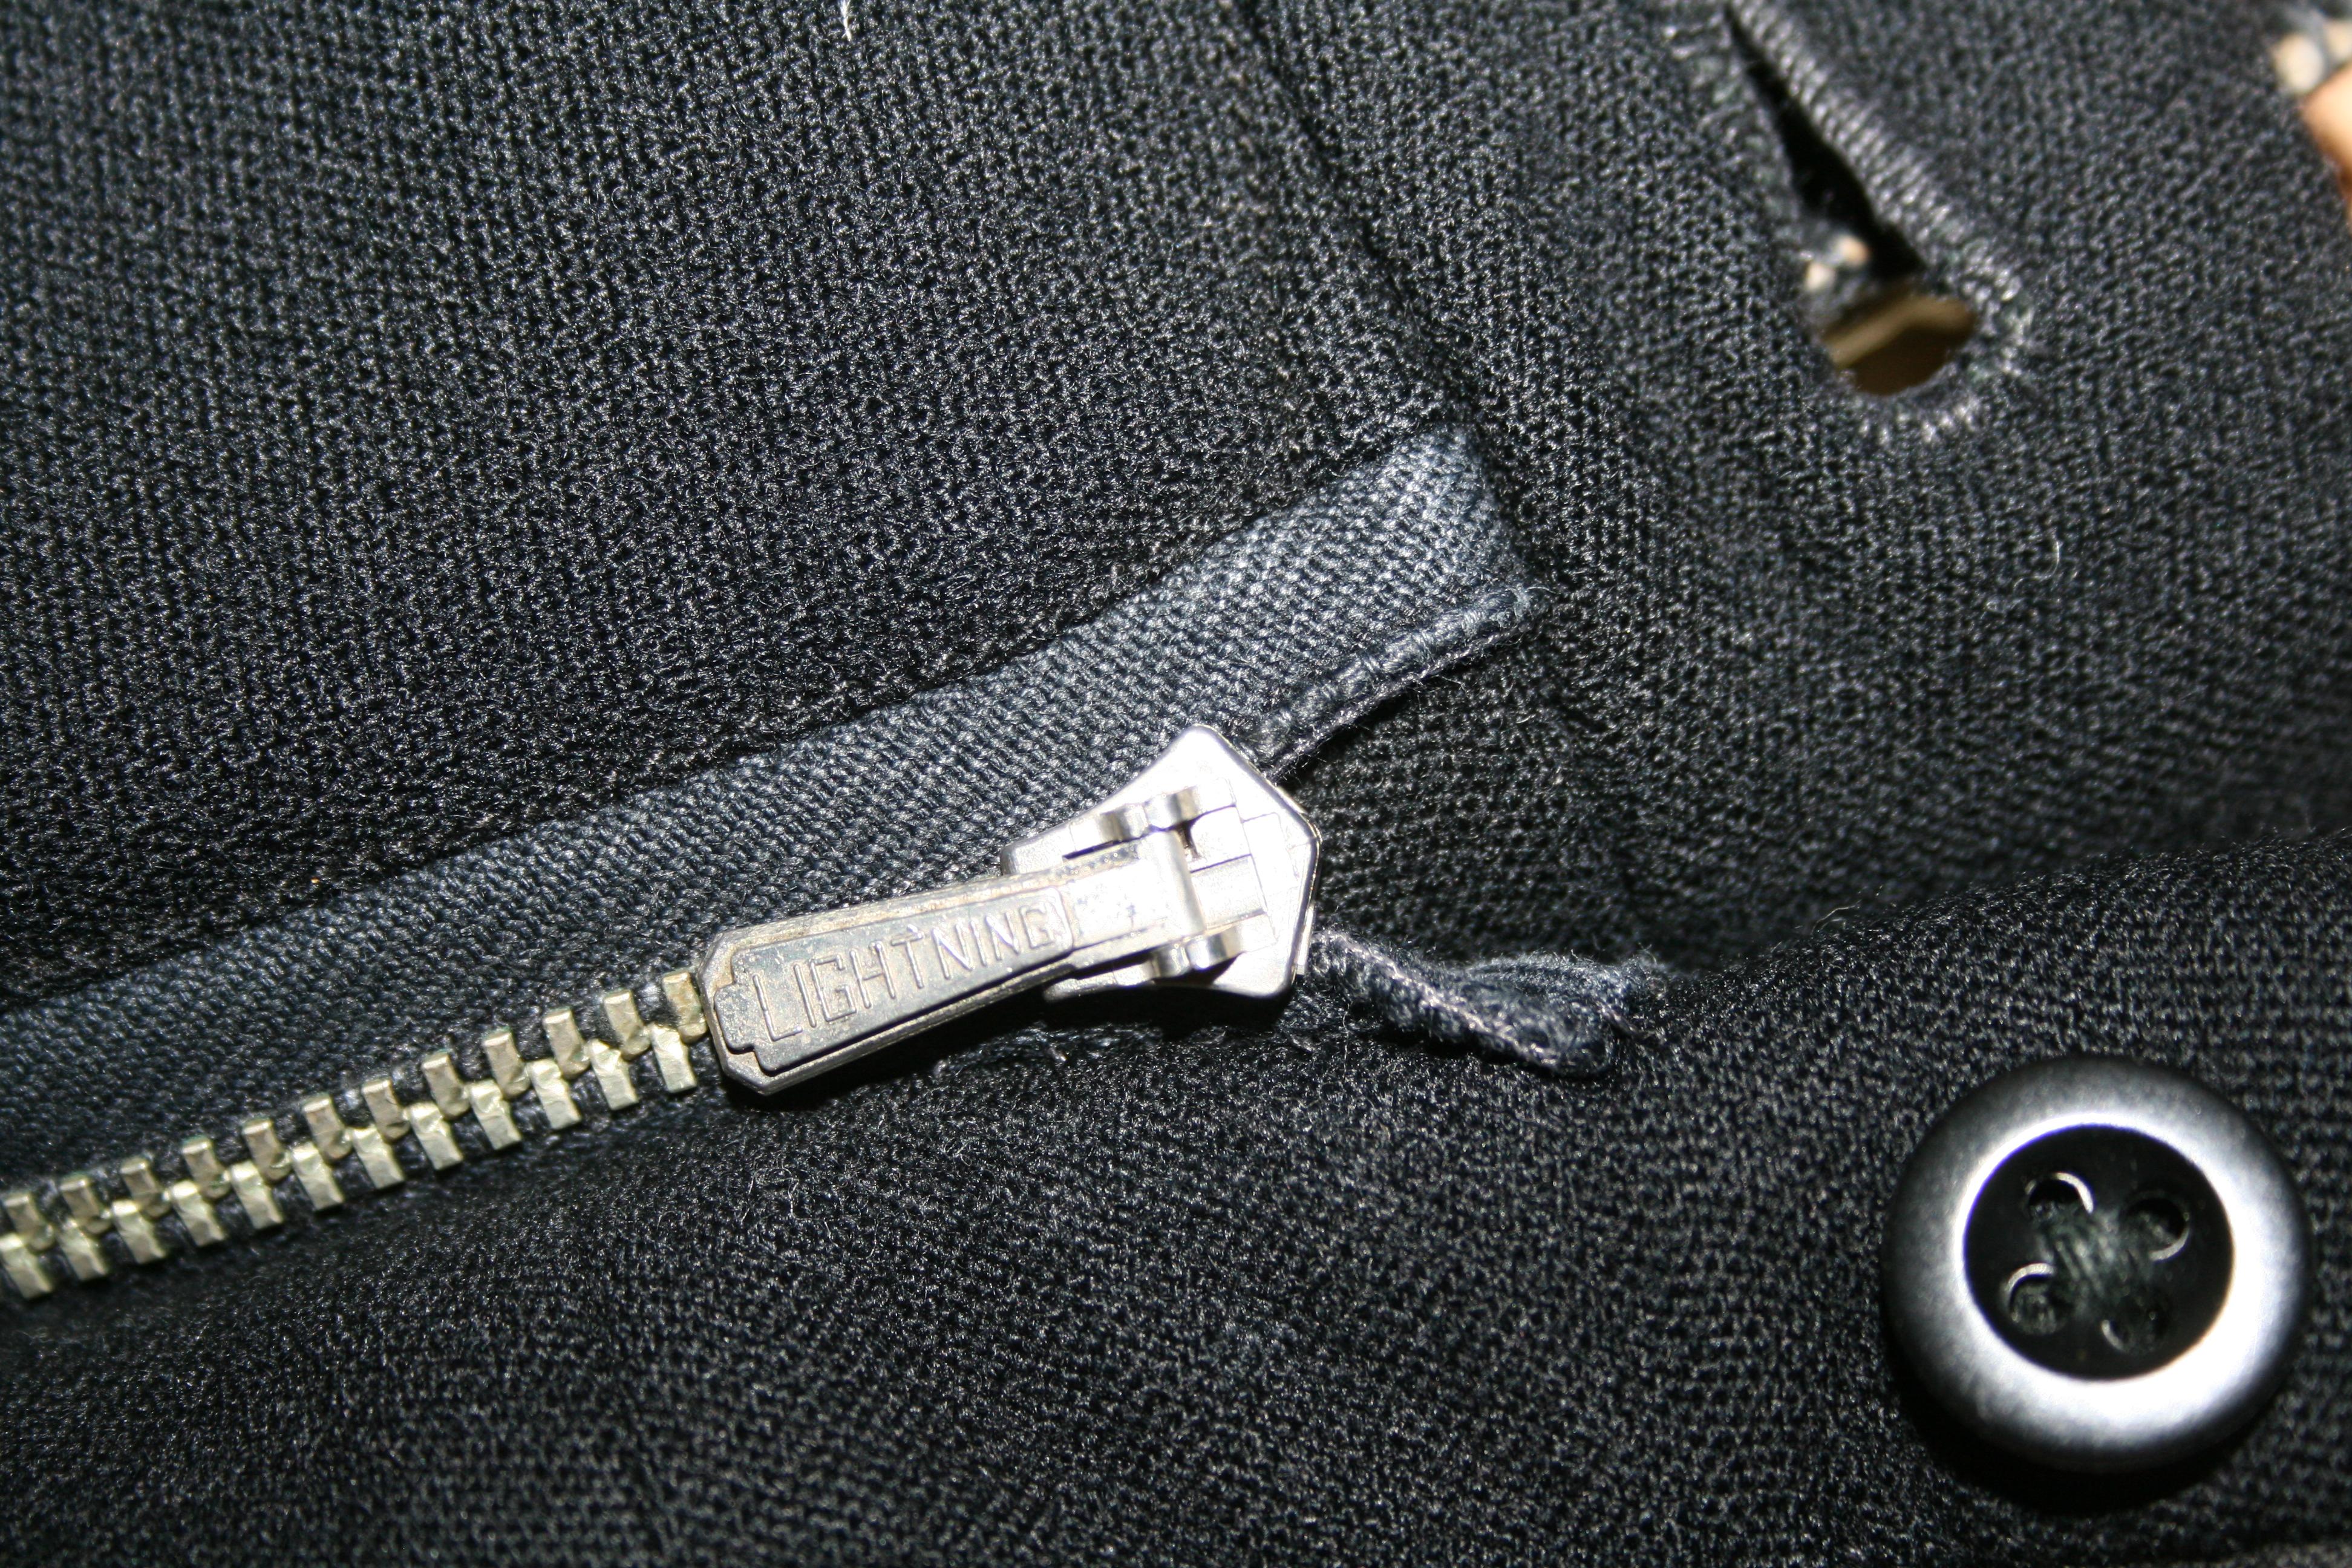 Lightning zipper